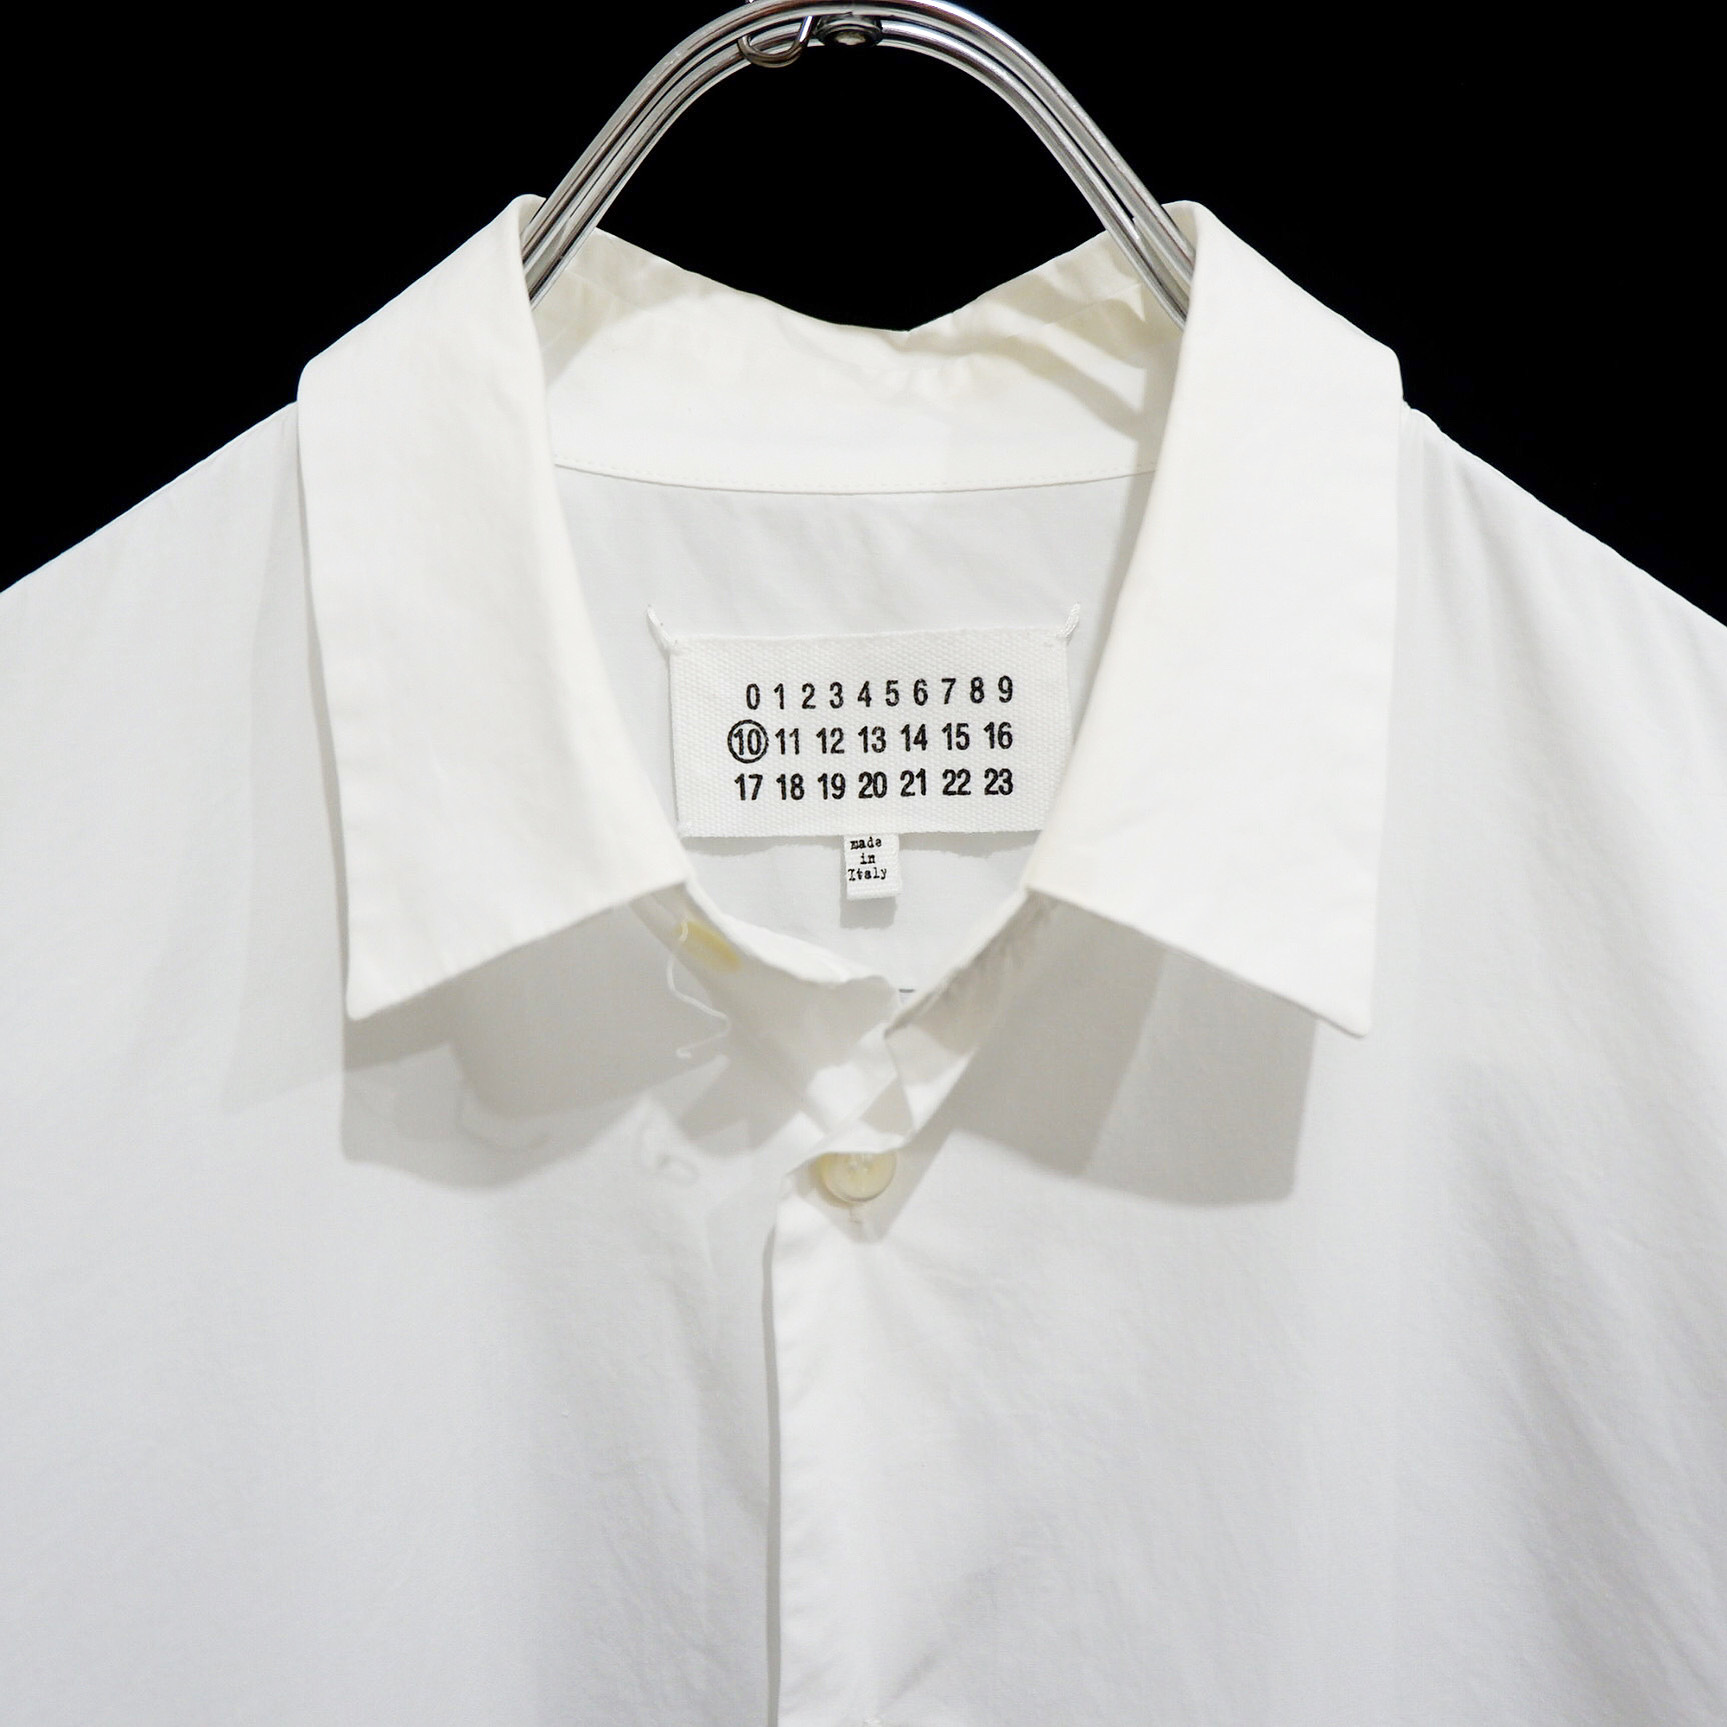 """""""Maison Martin Margiela 10"""" マルジェラ イタリア製 ドレスシャツ"""